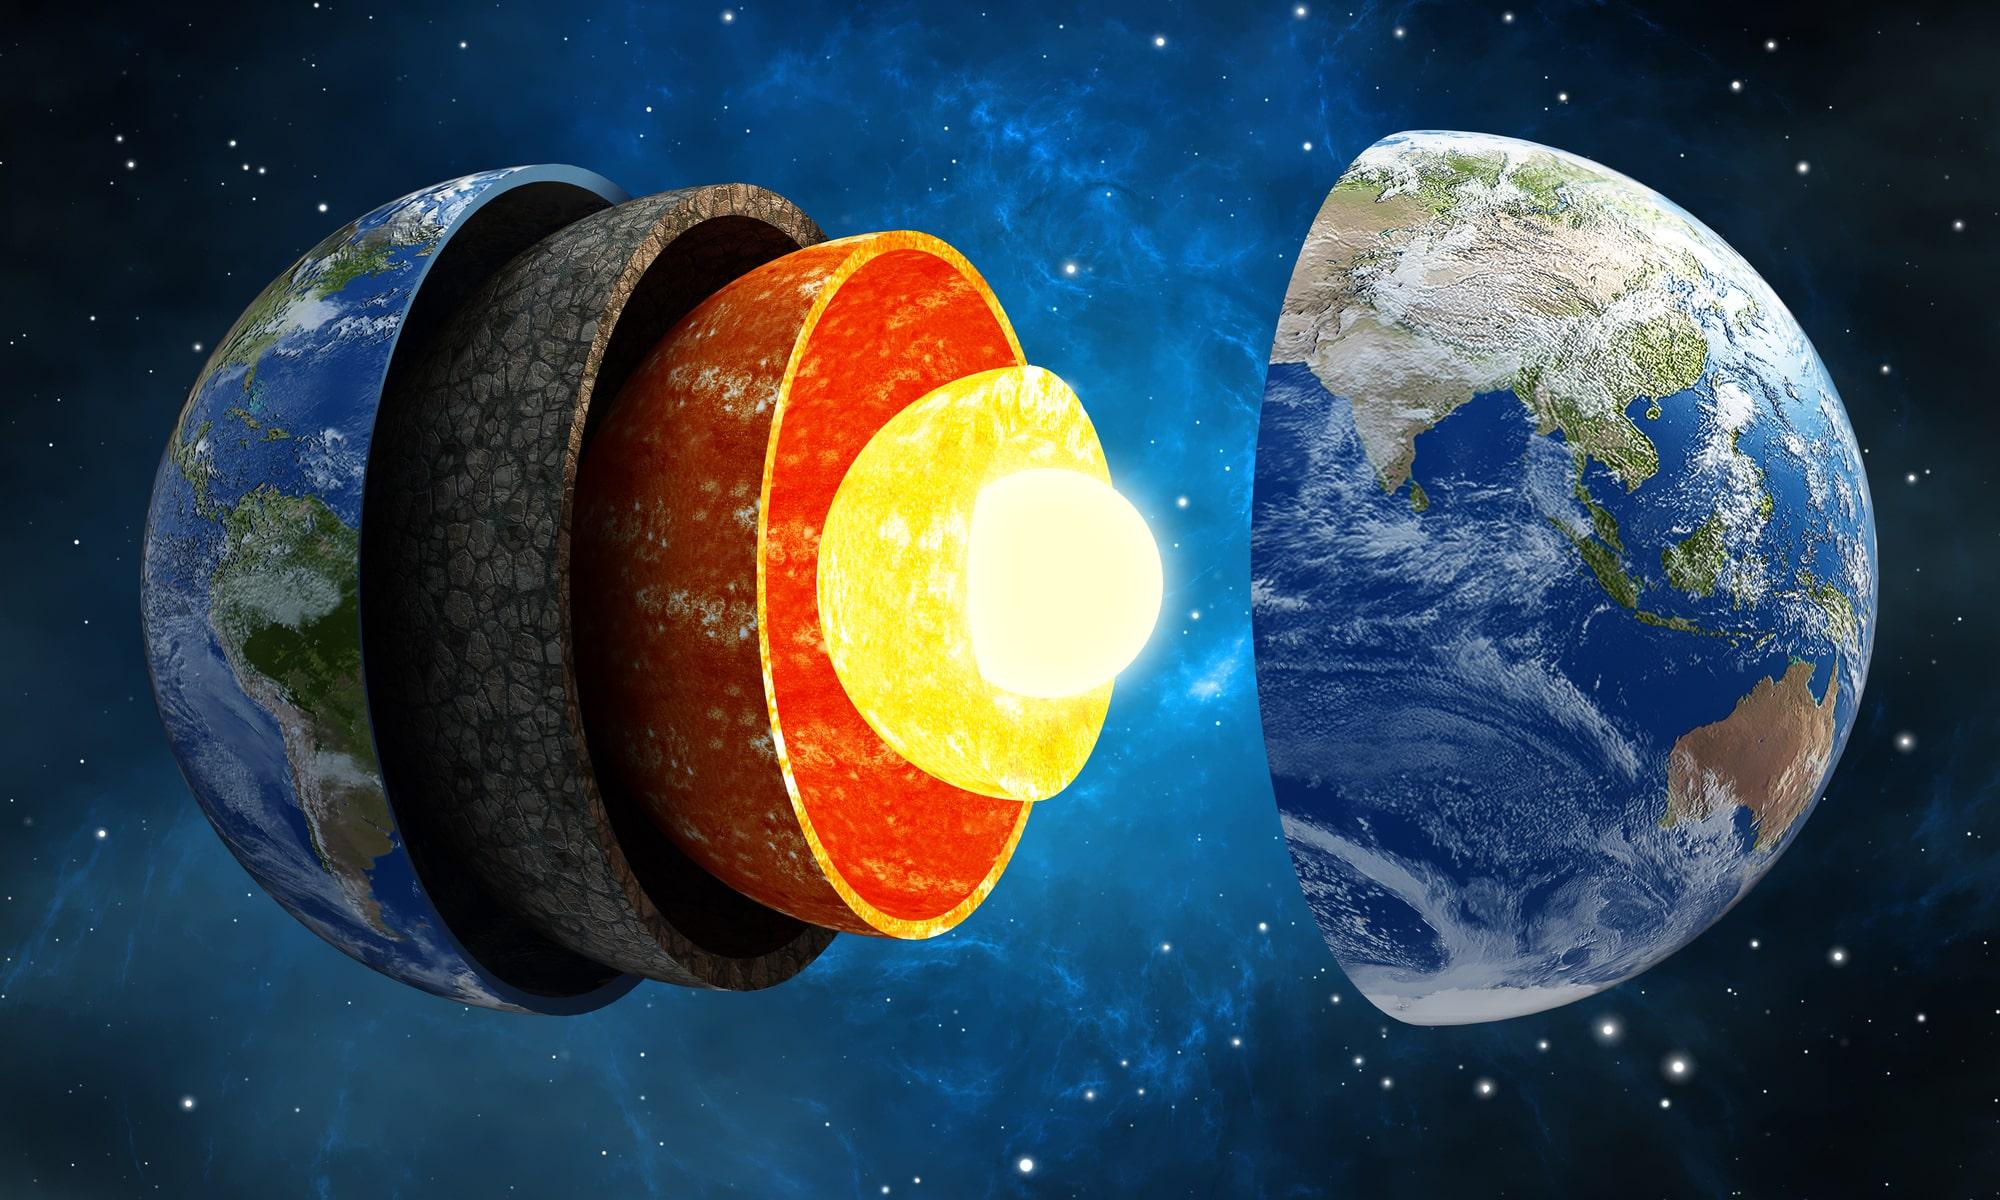 Der Aufbau und die Schichten der Erde